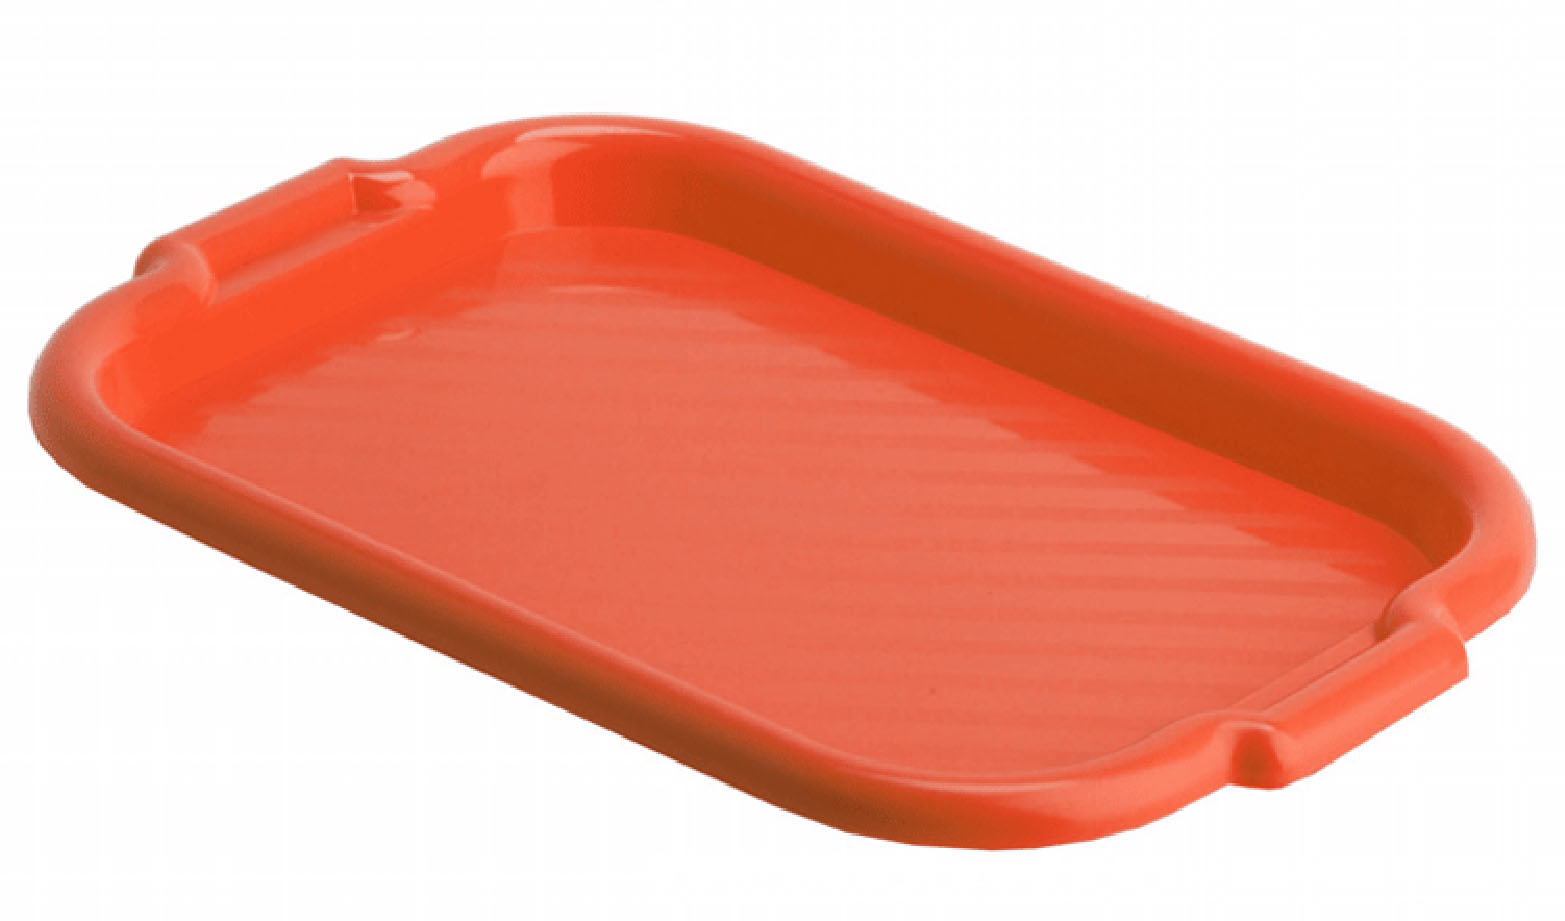 Поднос универсальный Idea, цвет: красный, 49 х 33 см поднос альтернатива витамины 49 33 2 5 см